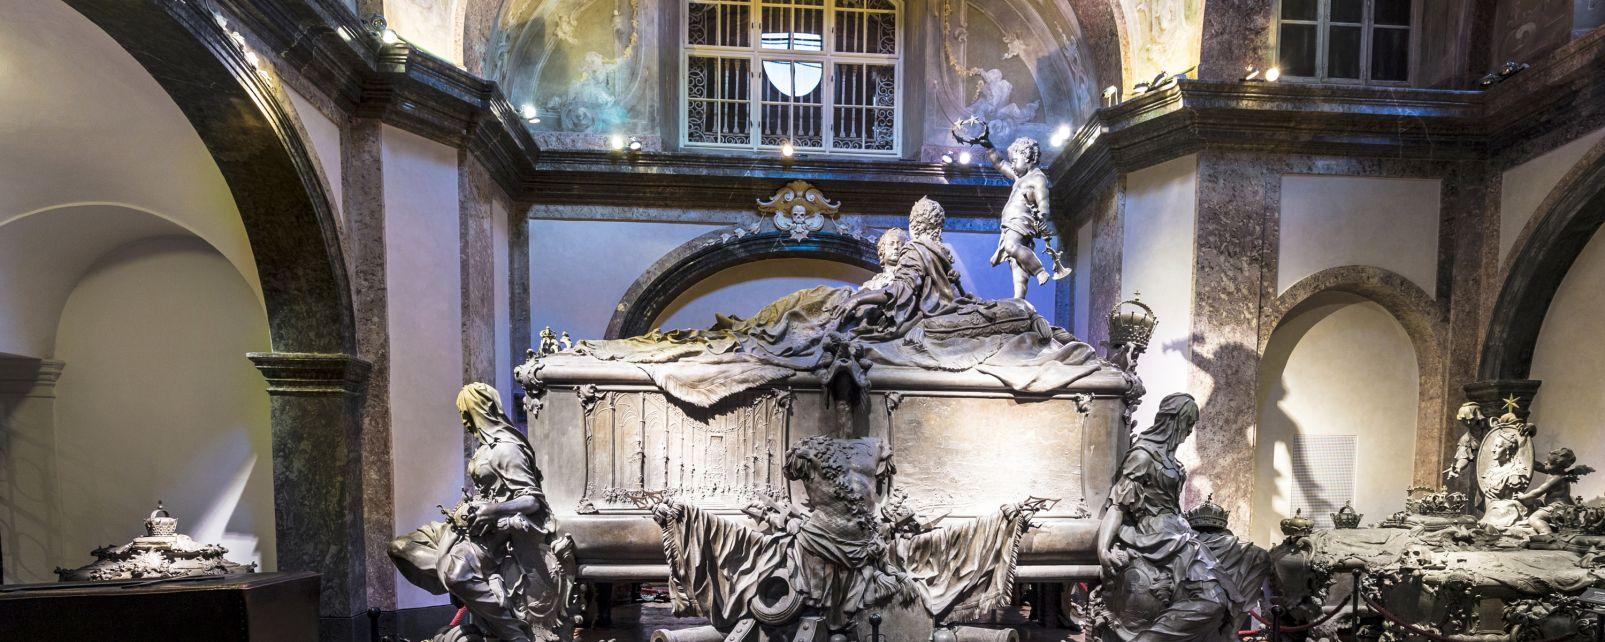 La Cripta imperial - Cripta de los Capuchinos, La Cripta imperial (Cripta de Capuchinos), Los castillos, Viena, Austria